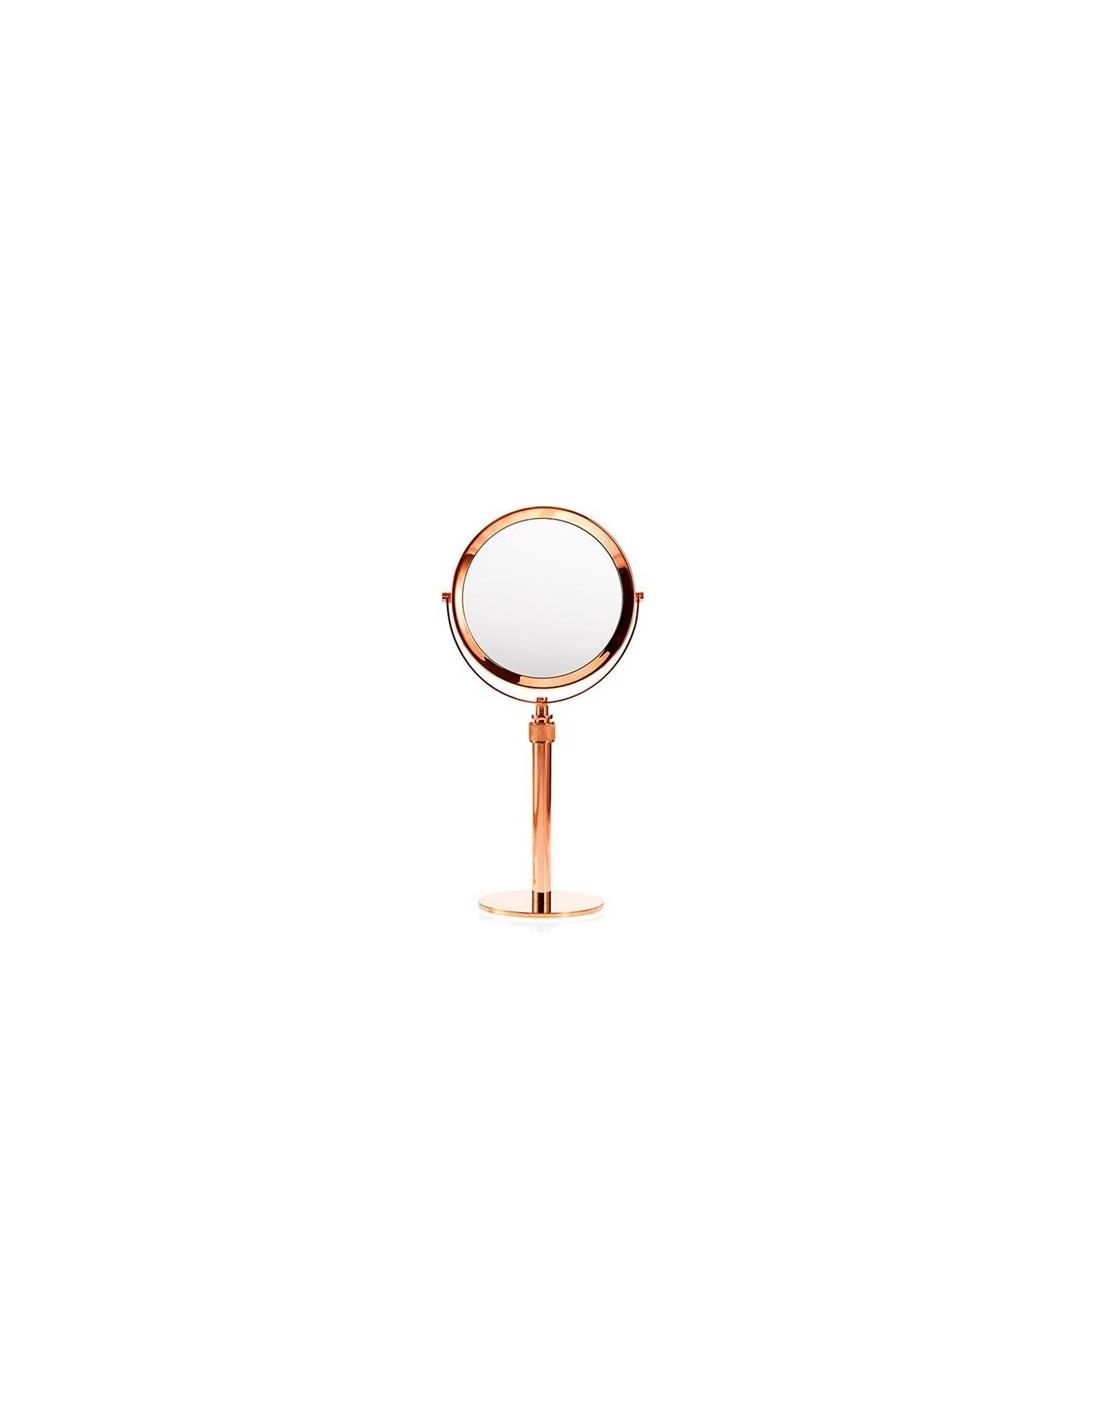 Miroir grossissant x 5 cuivré Mikado de Decor Walther